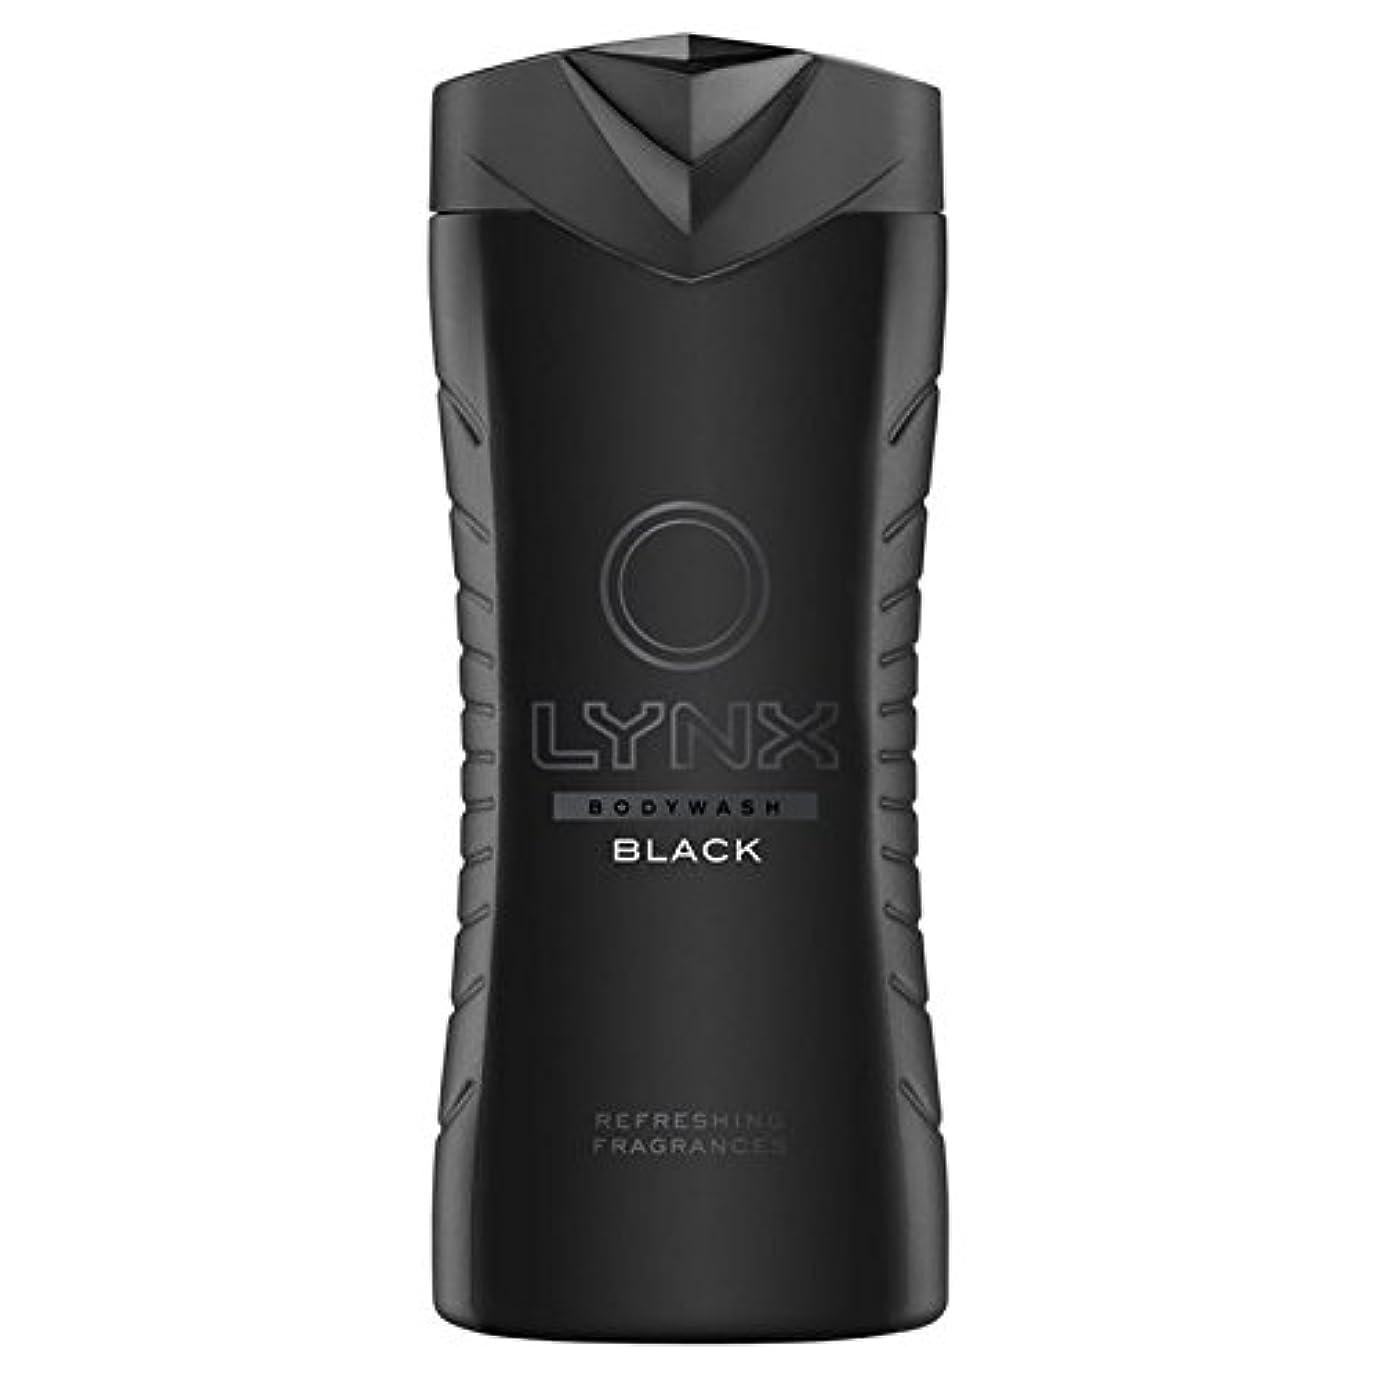 アボート空虚夜の動物園オオヤマネコブラックシャワージェル400ミリリットル x2 - Lynx Black Shower Gel 400ml (Pack of 2) [並行輸入品]